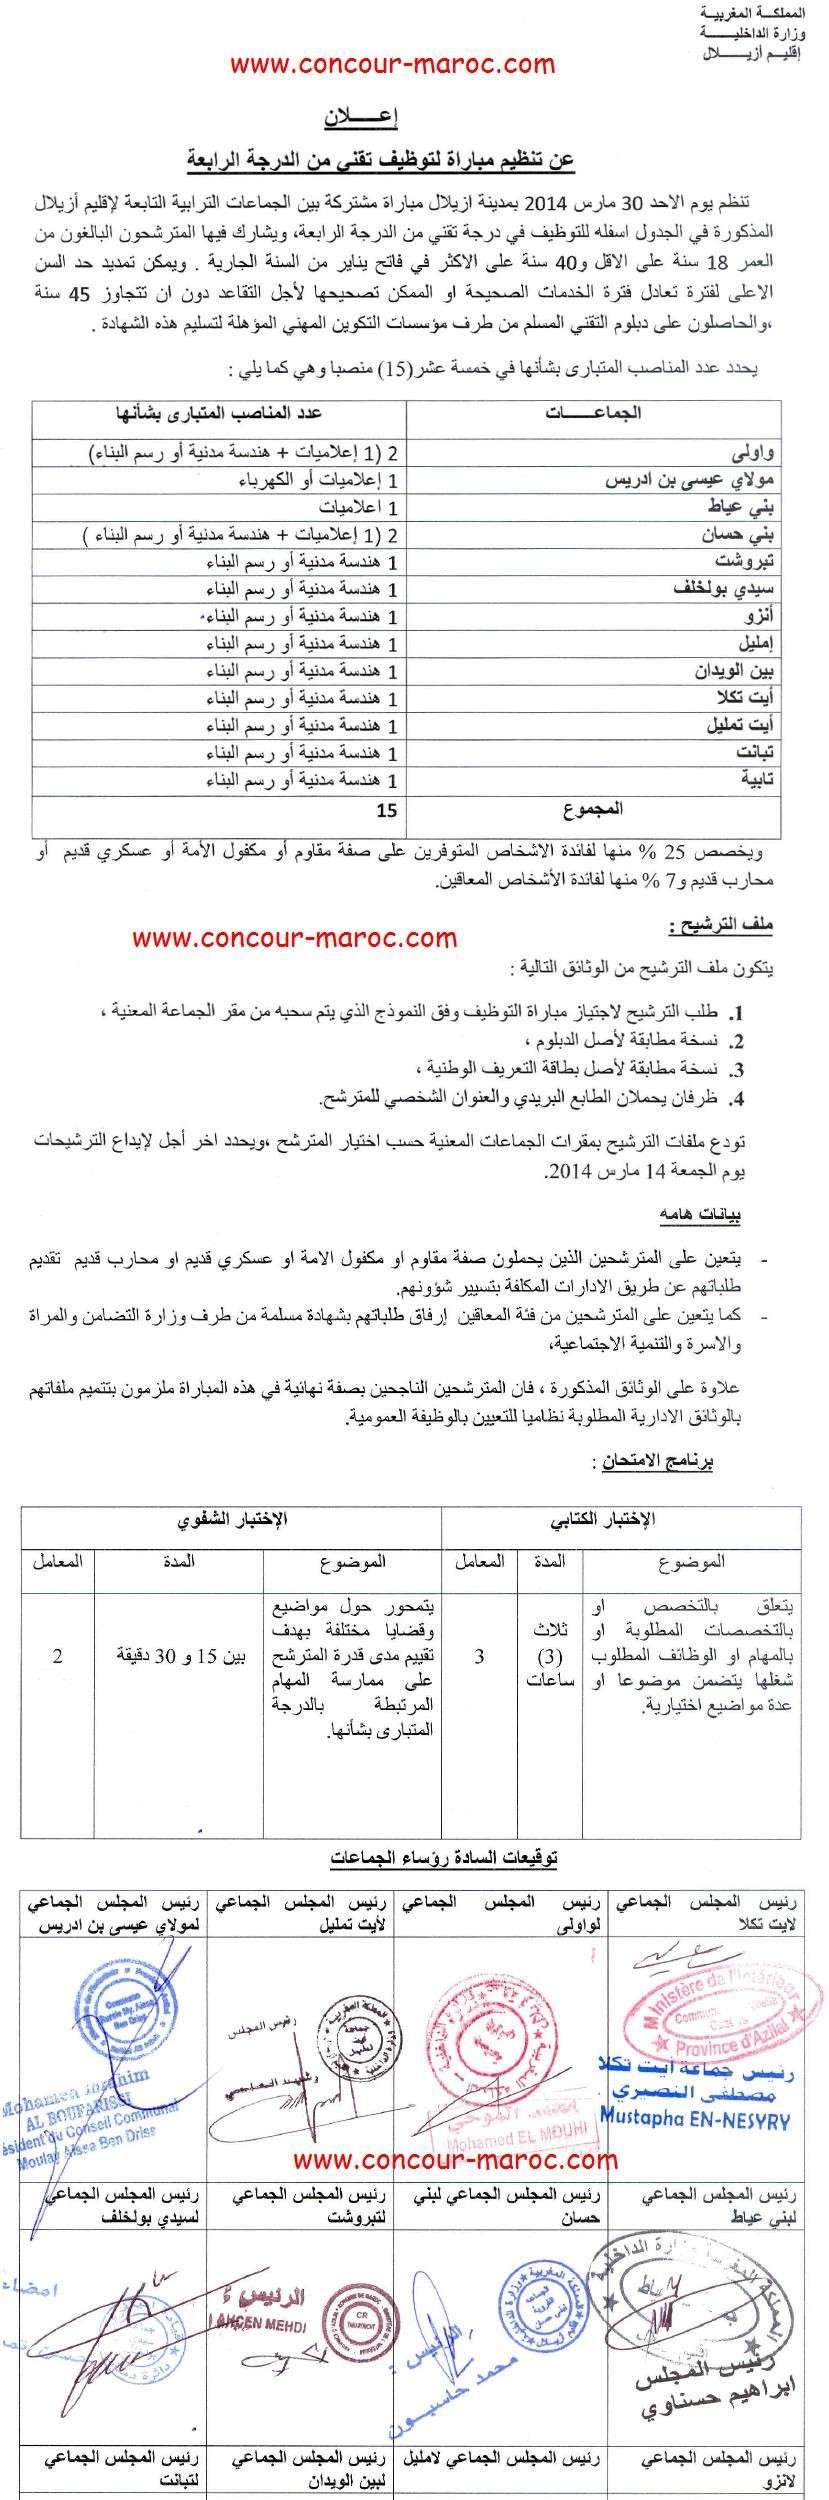 عمالة إقليم أزيلال : مباراة لتوظيف تقني من الدرجة الرابعة ~ سلم 8 (15 منصب) آخر أجل لإيداع الترشيحات 14 مارس 2014 Concou40